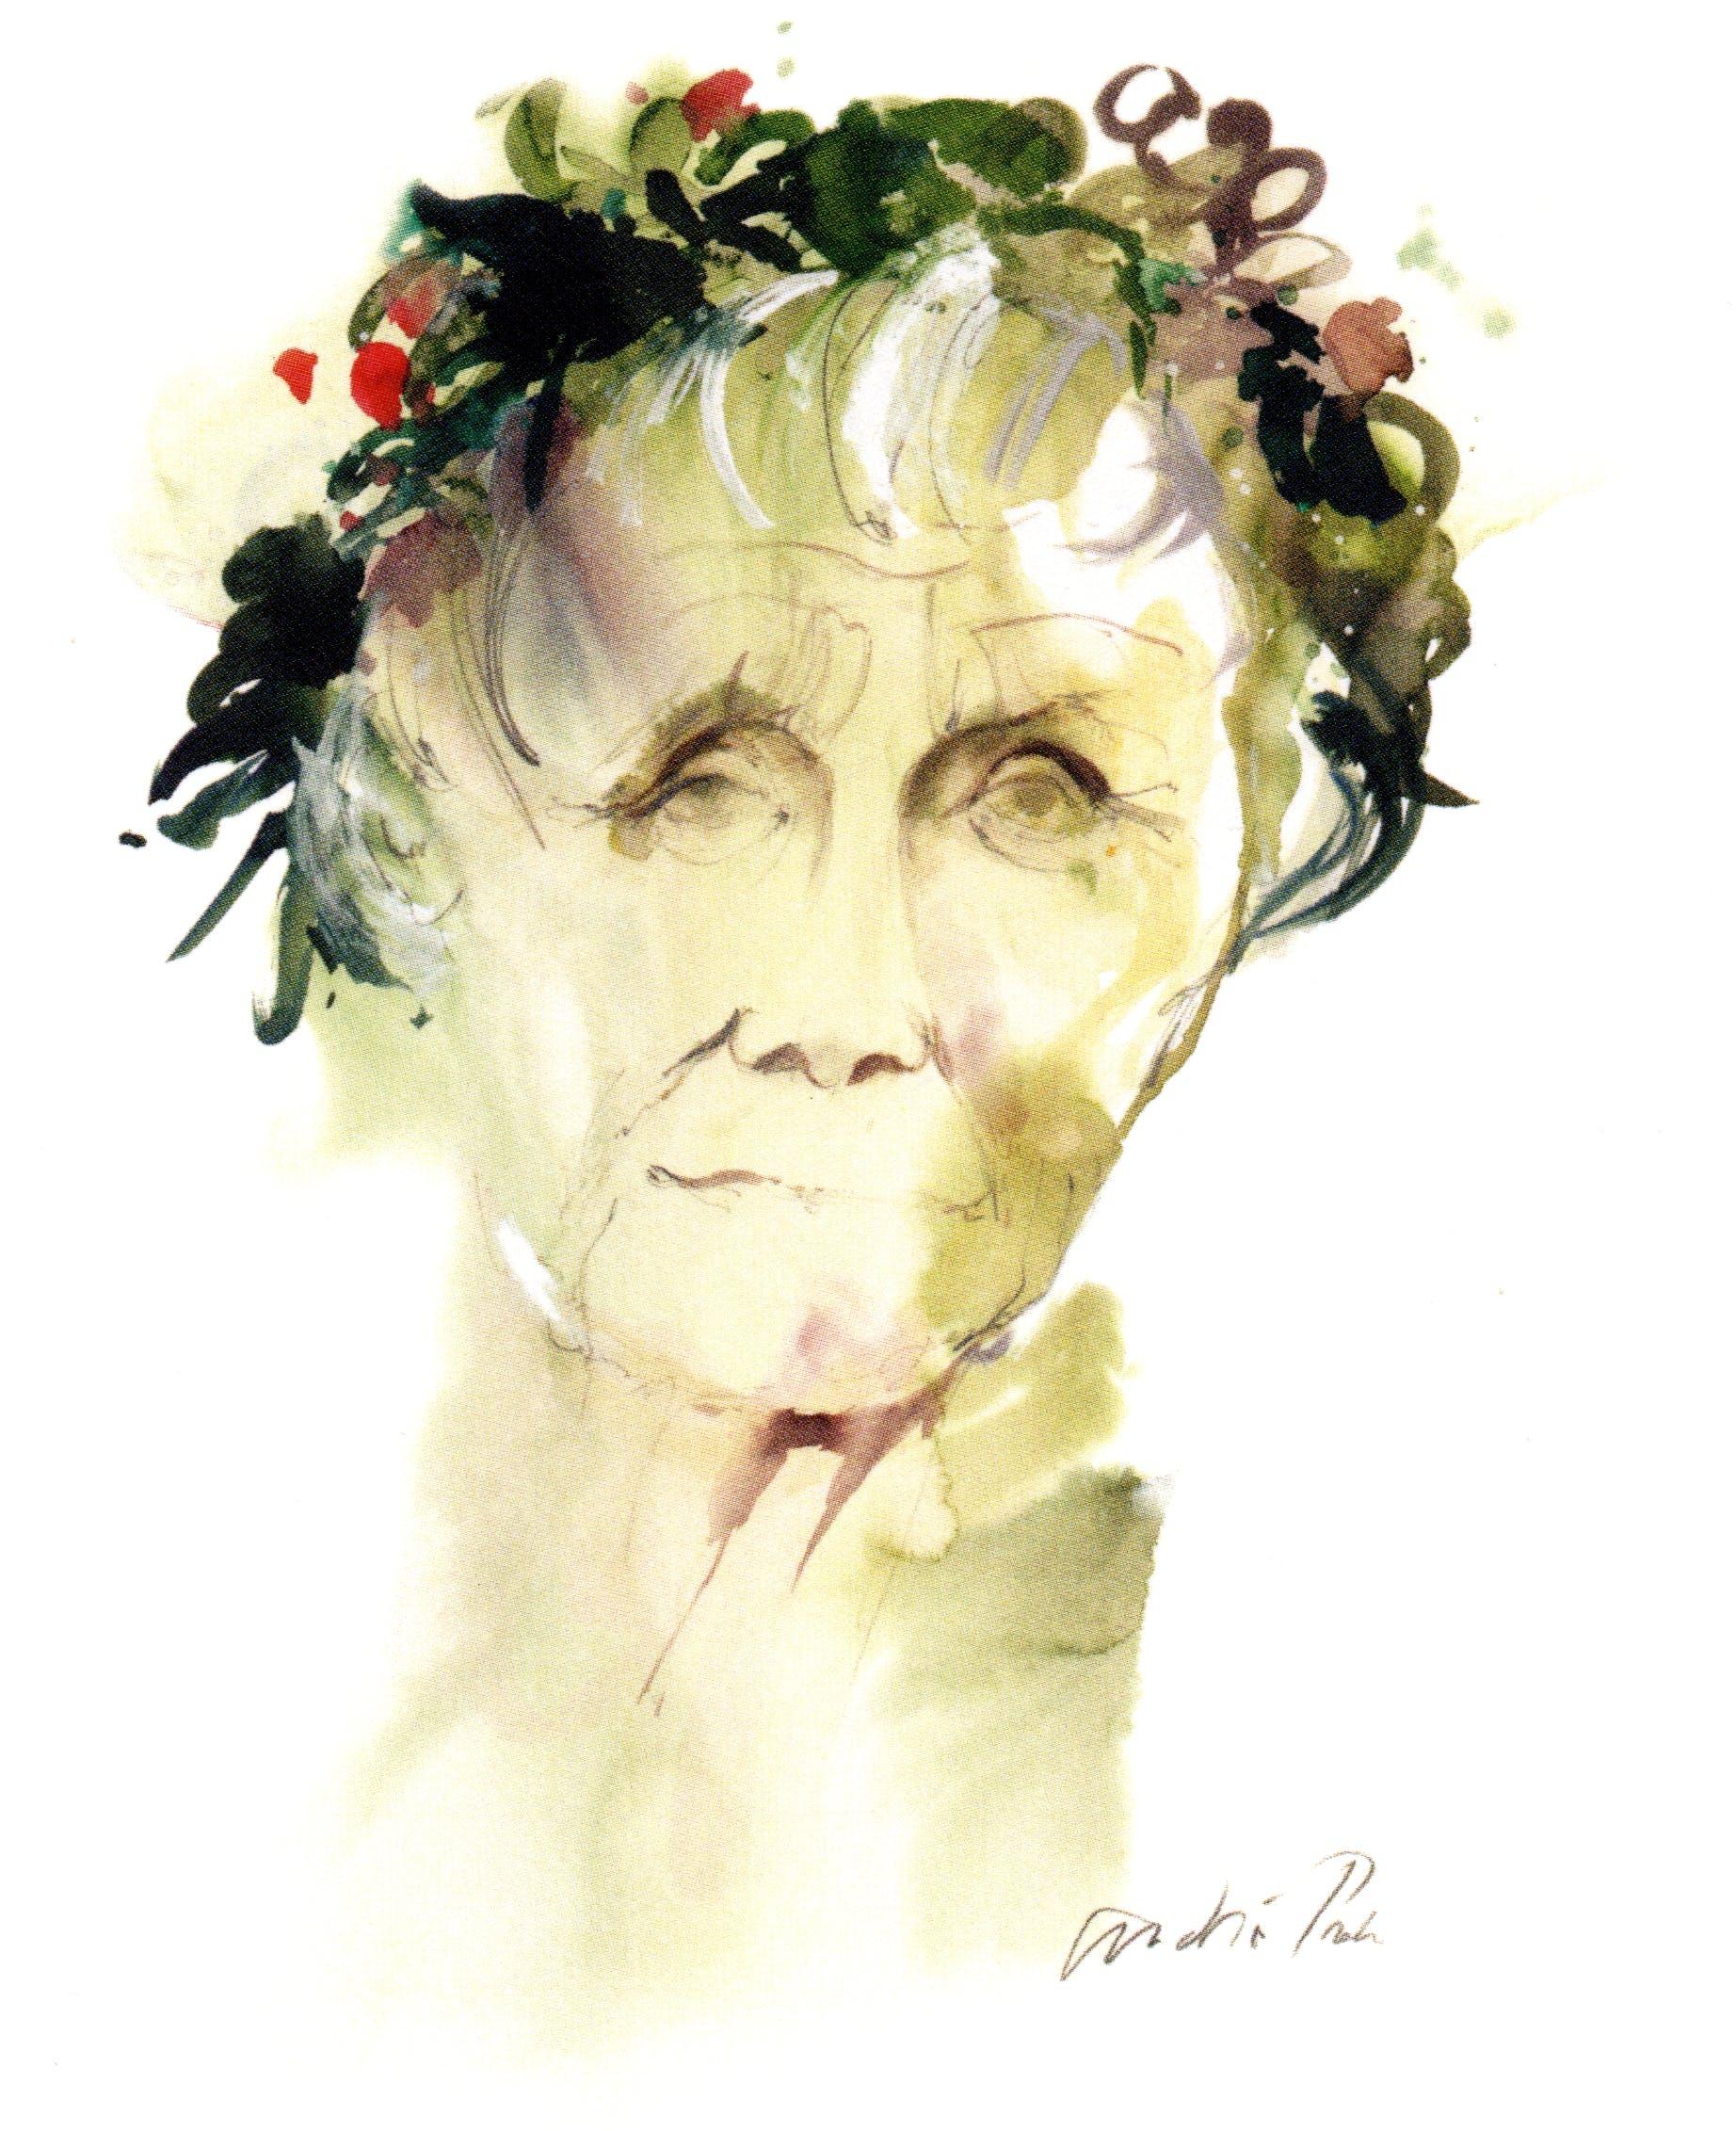 Astrid med blomsterkrans